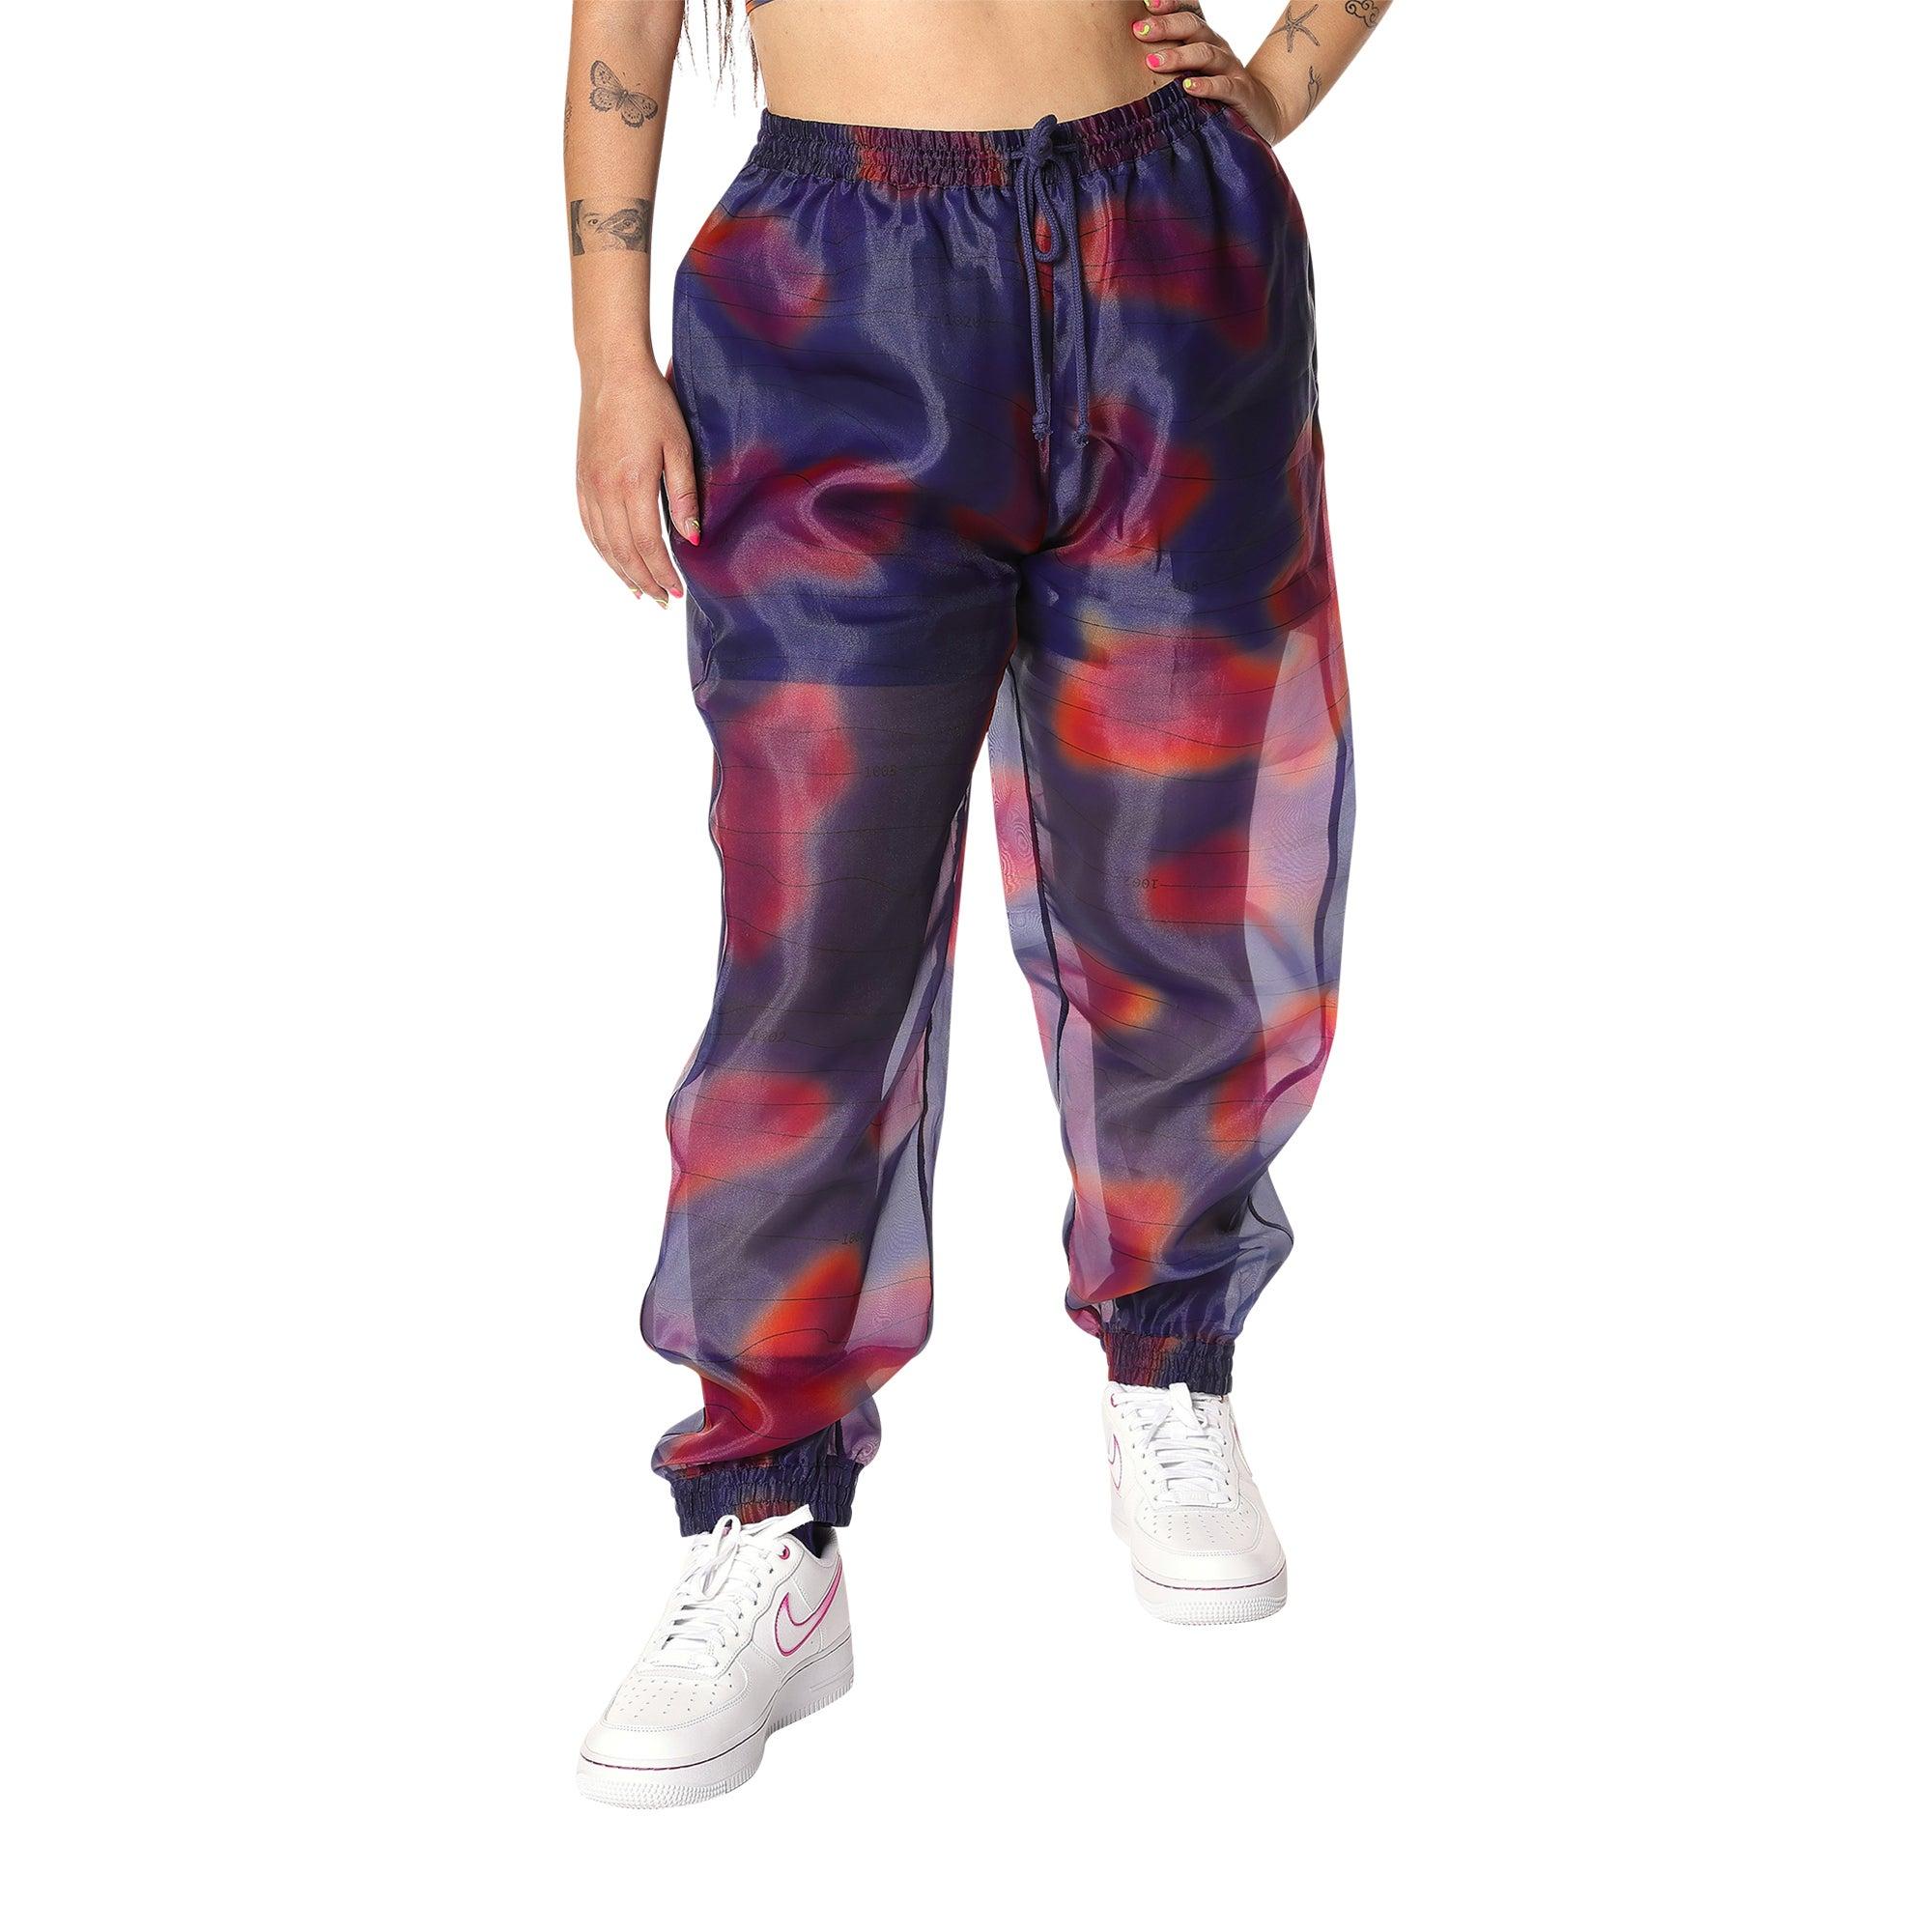 Melody Ehsani Organza Track Pants